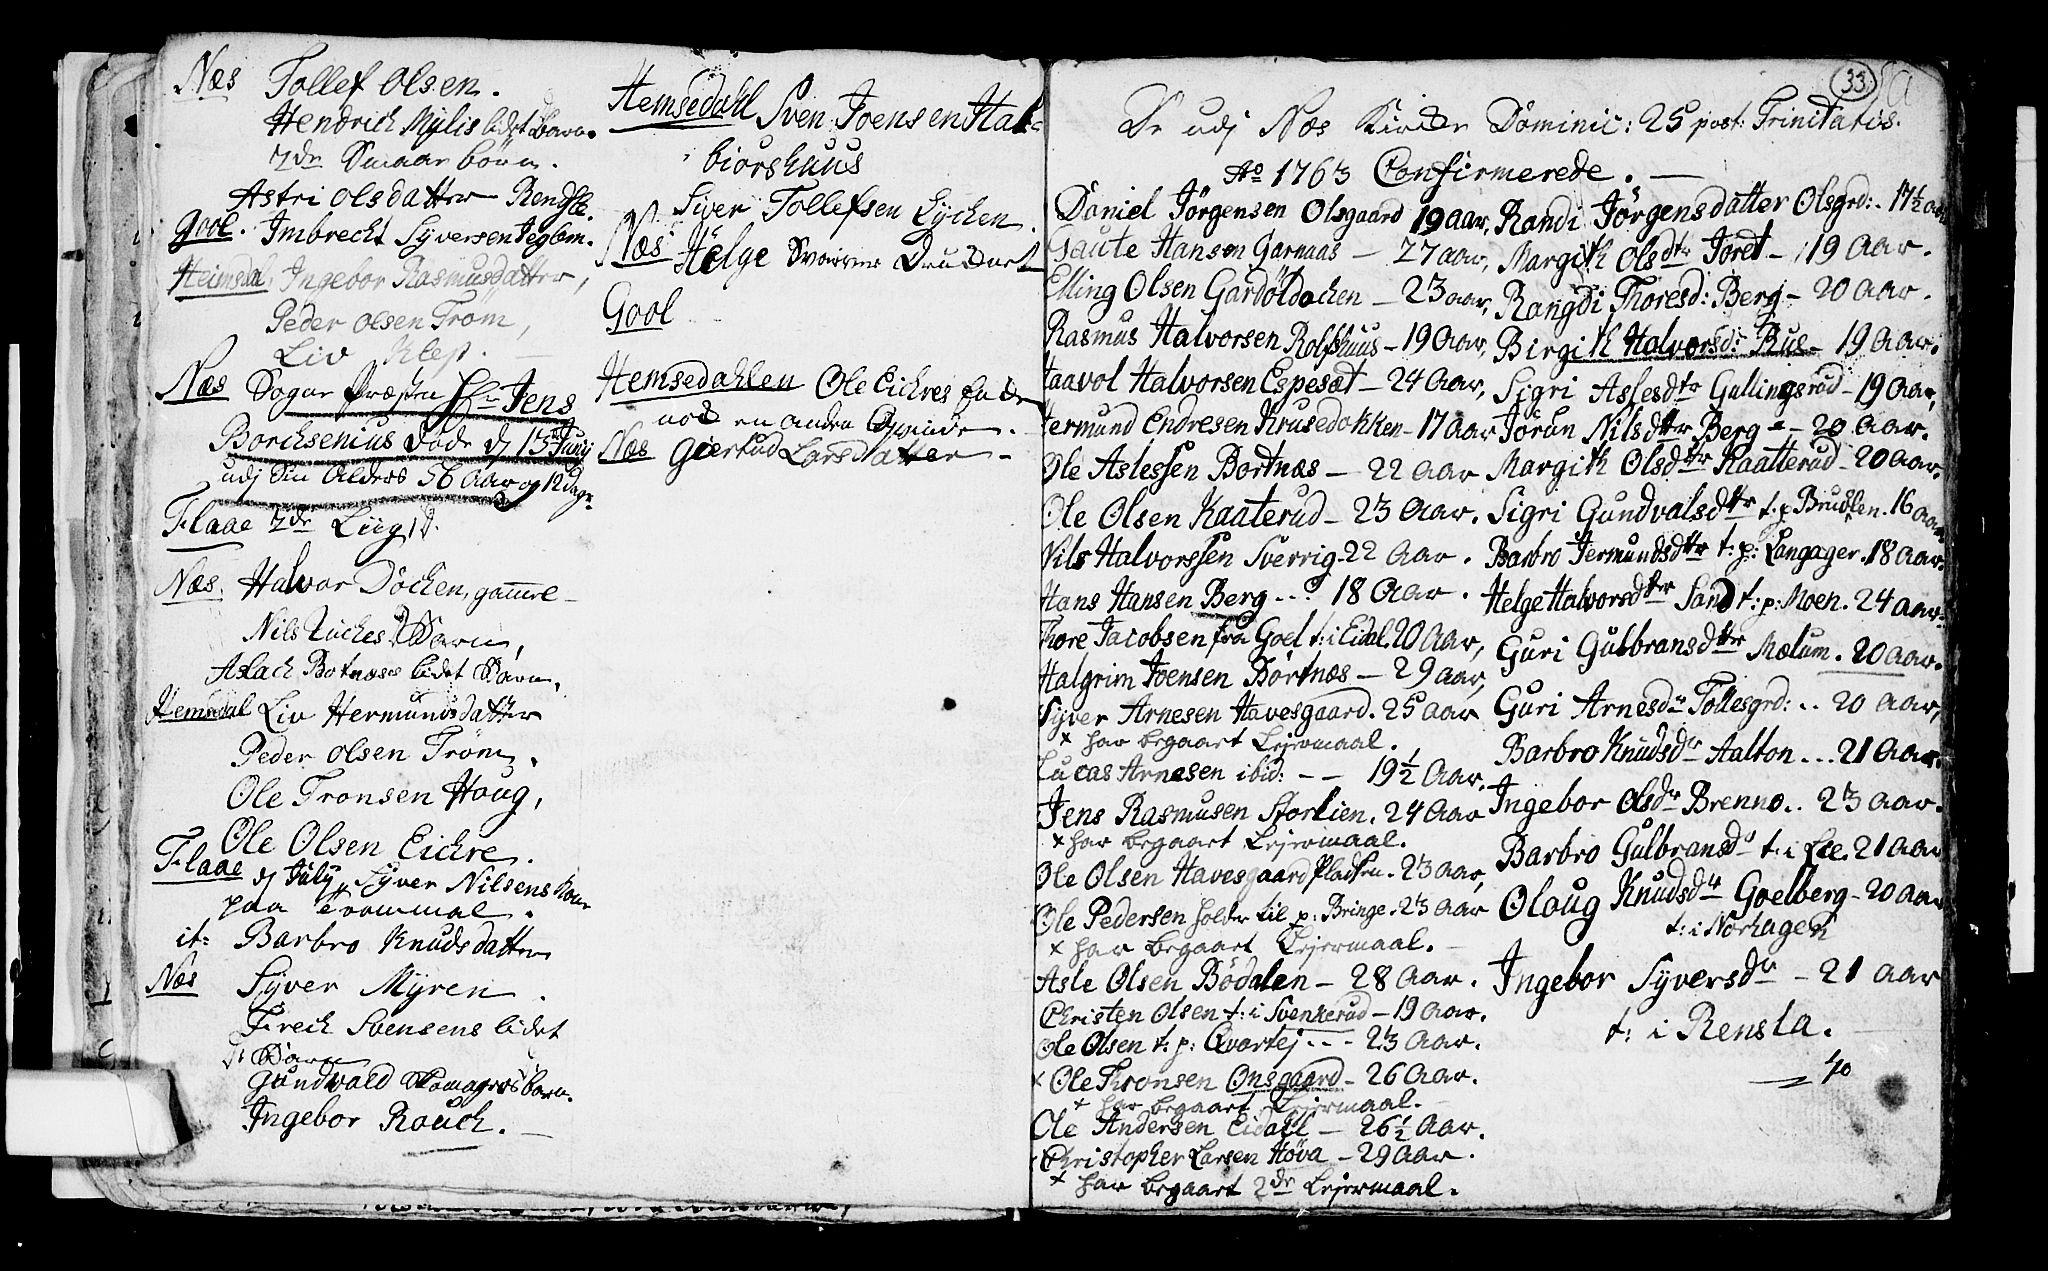 SAKO, Nes kirkebøker, F/Fa/L0003: Ministerialbok nr. 3, 1760-1764, s. 33